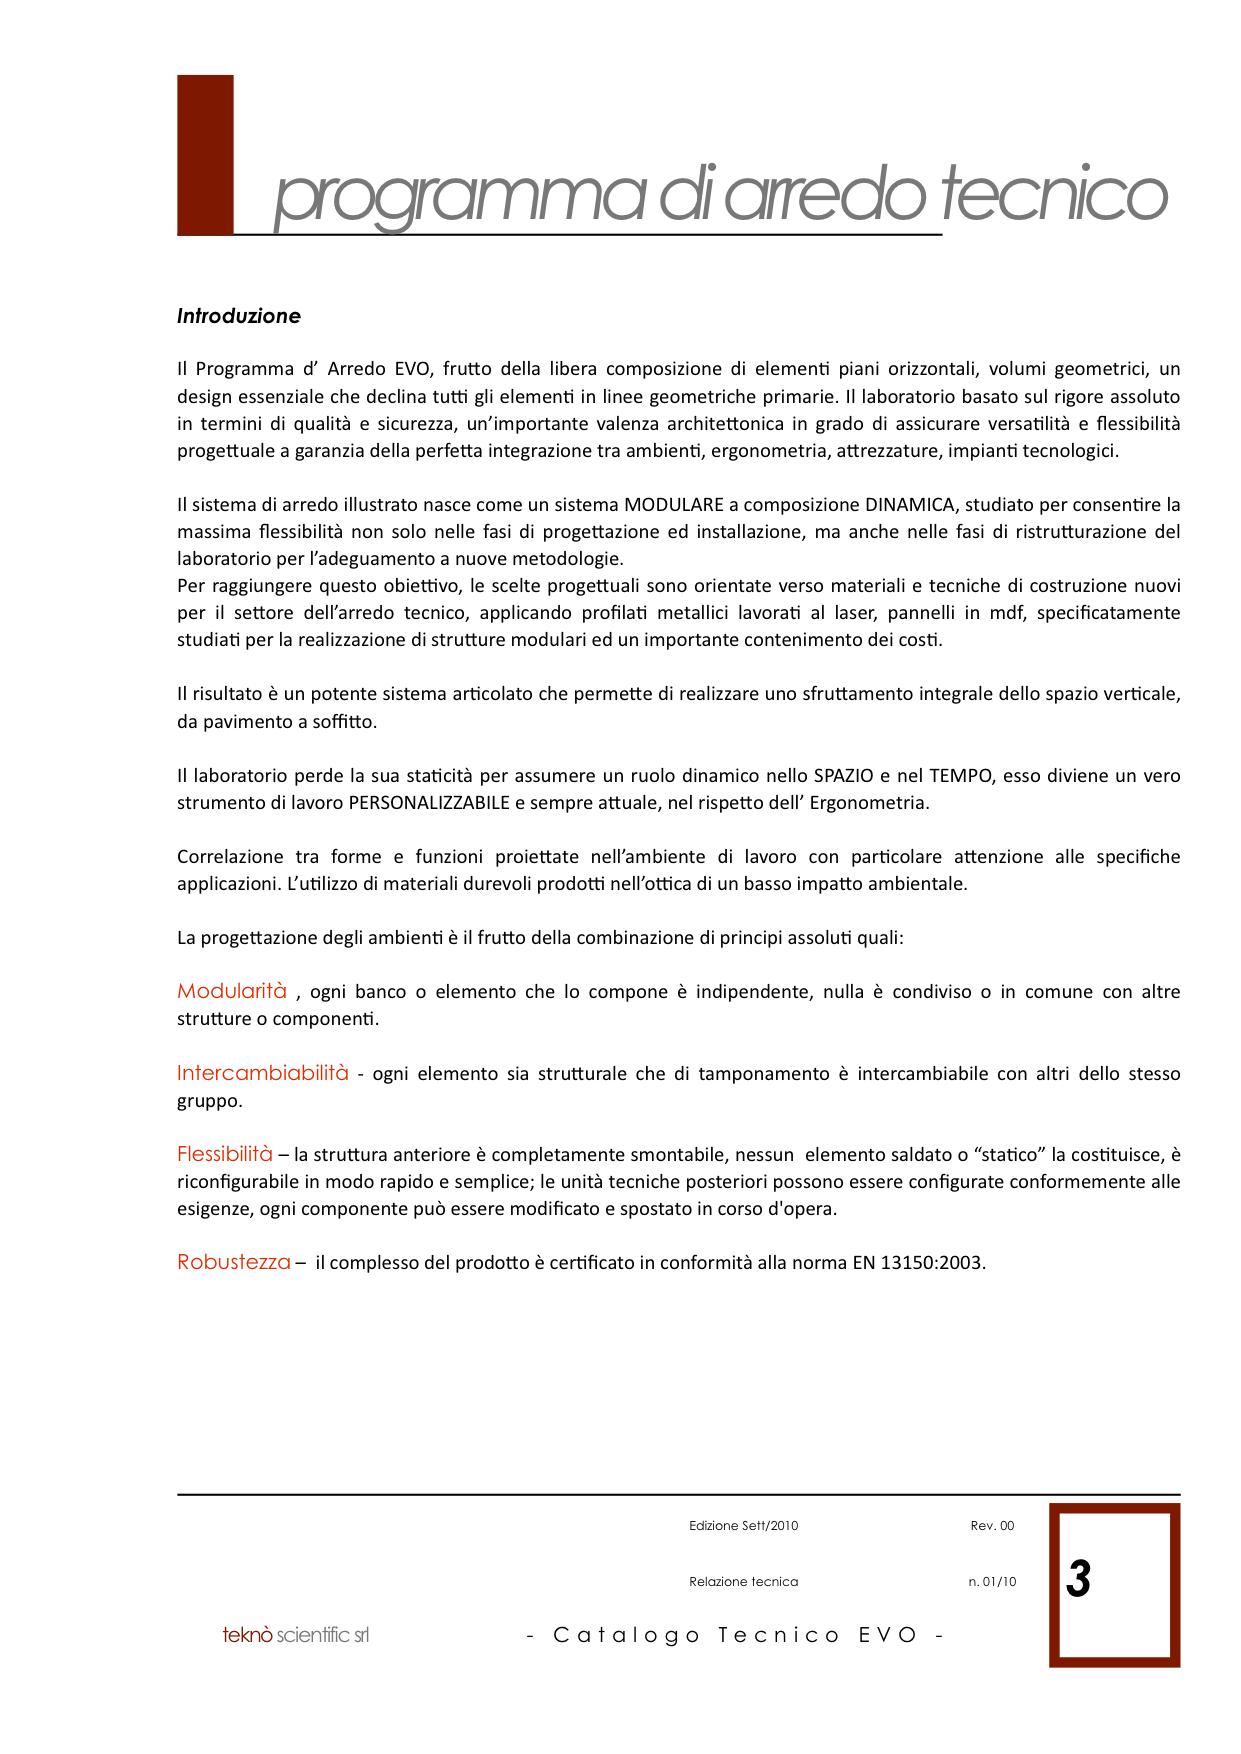 EVO Catalogo Tecnico Generale copia 3.png